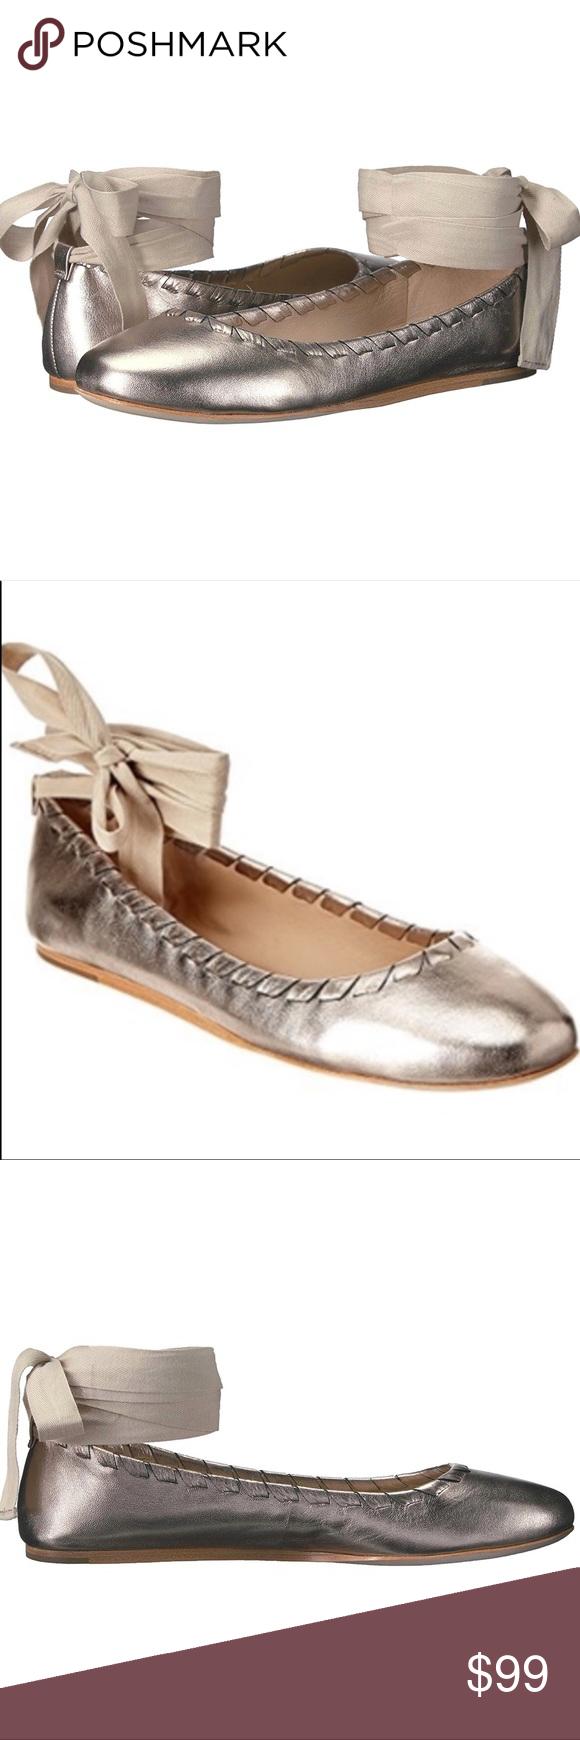 Via Spiga Baylie Lace-up Ballet Flat in Rose Gold Via Spiga Baylie Lace-Up Balle…